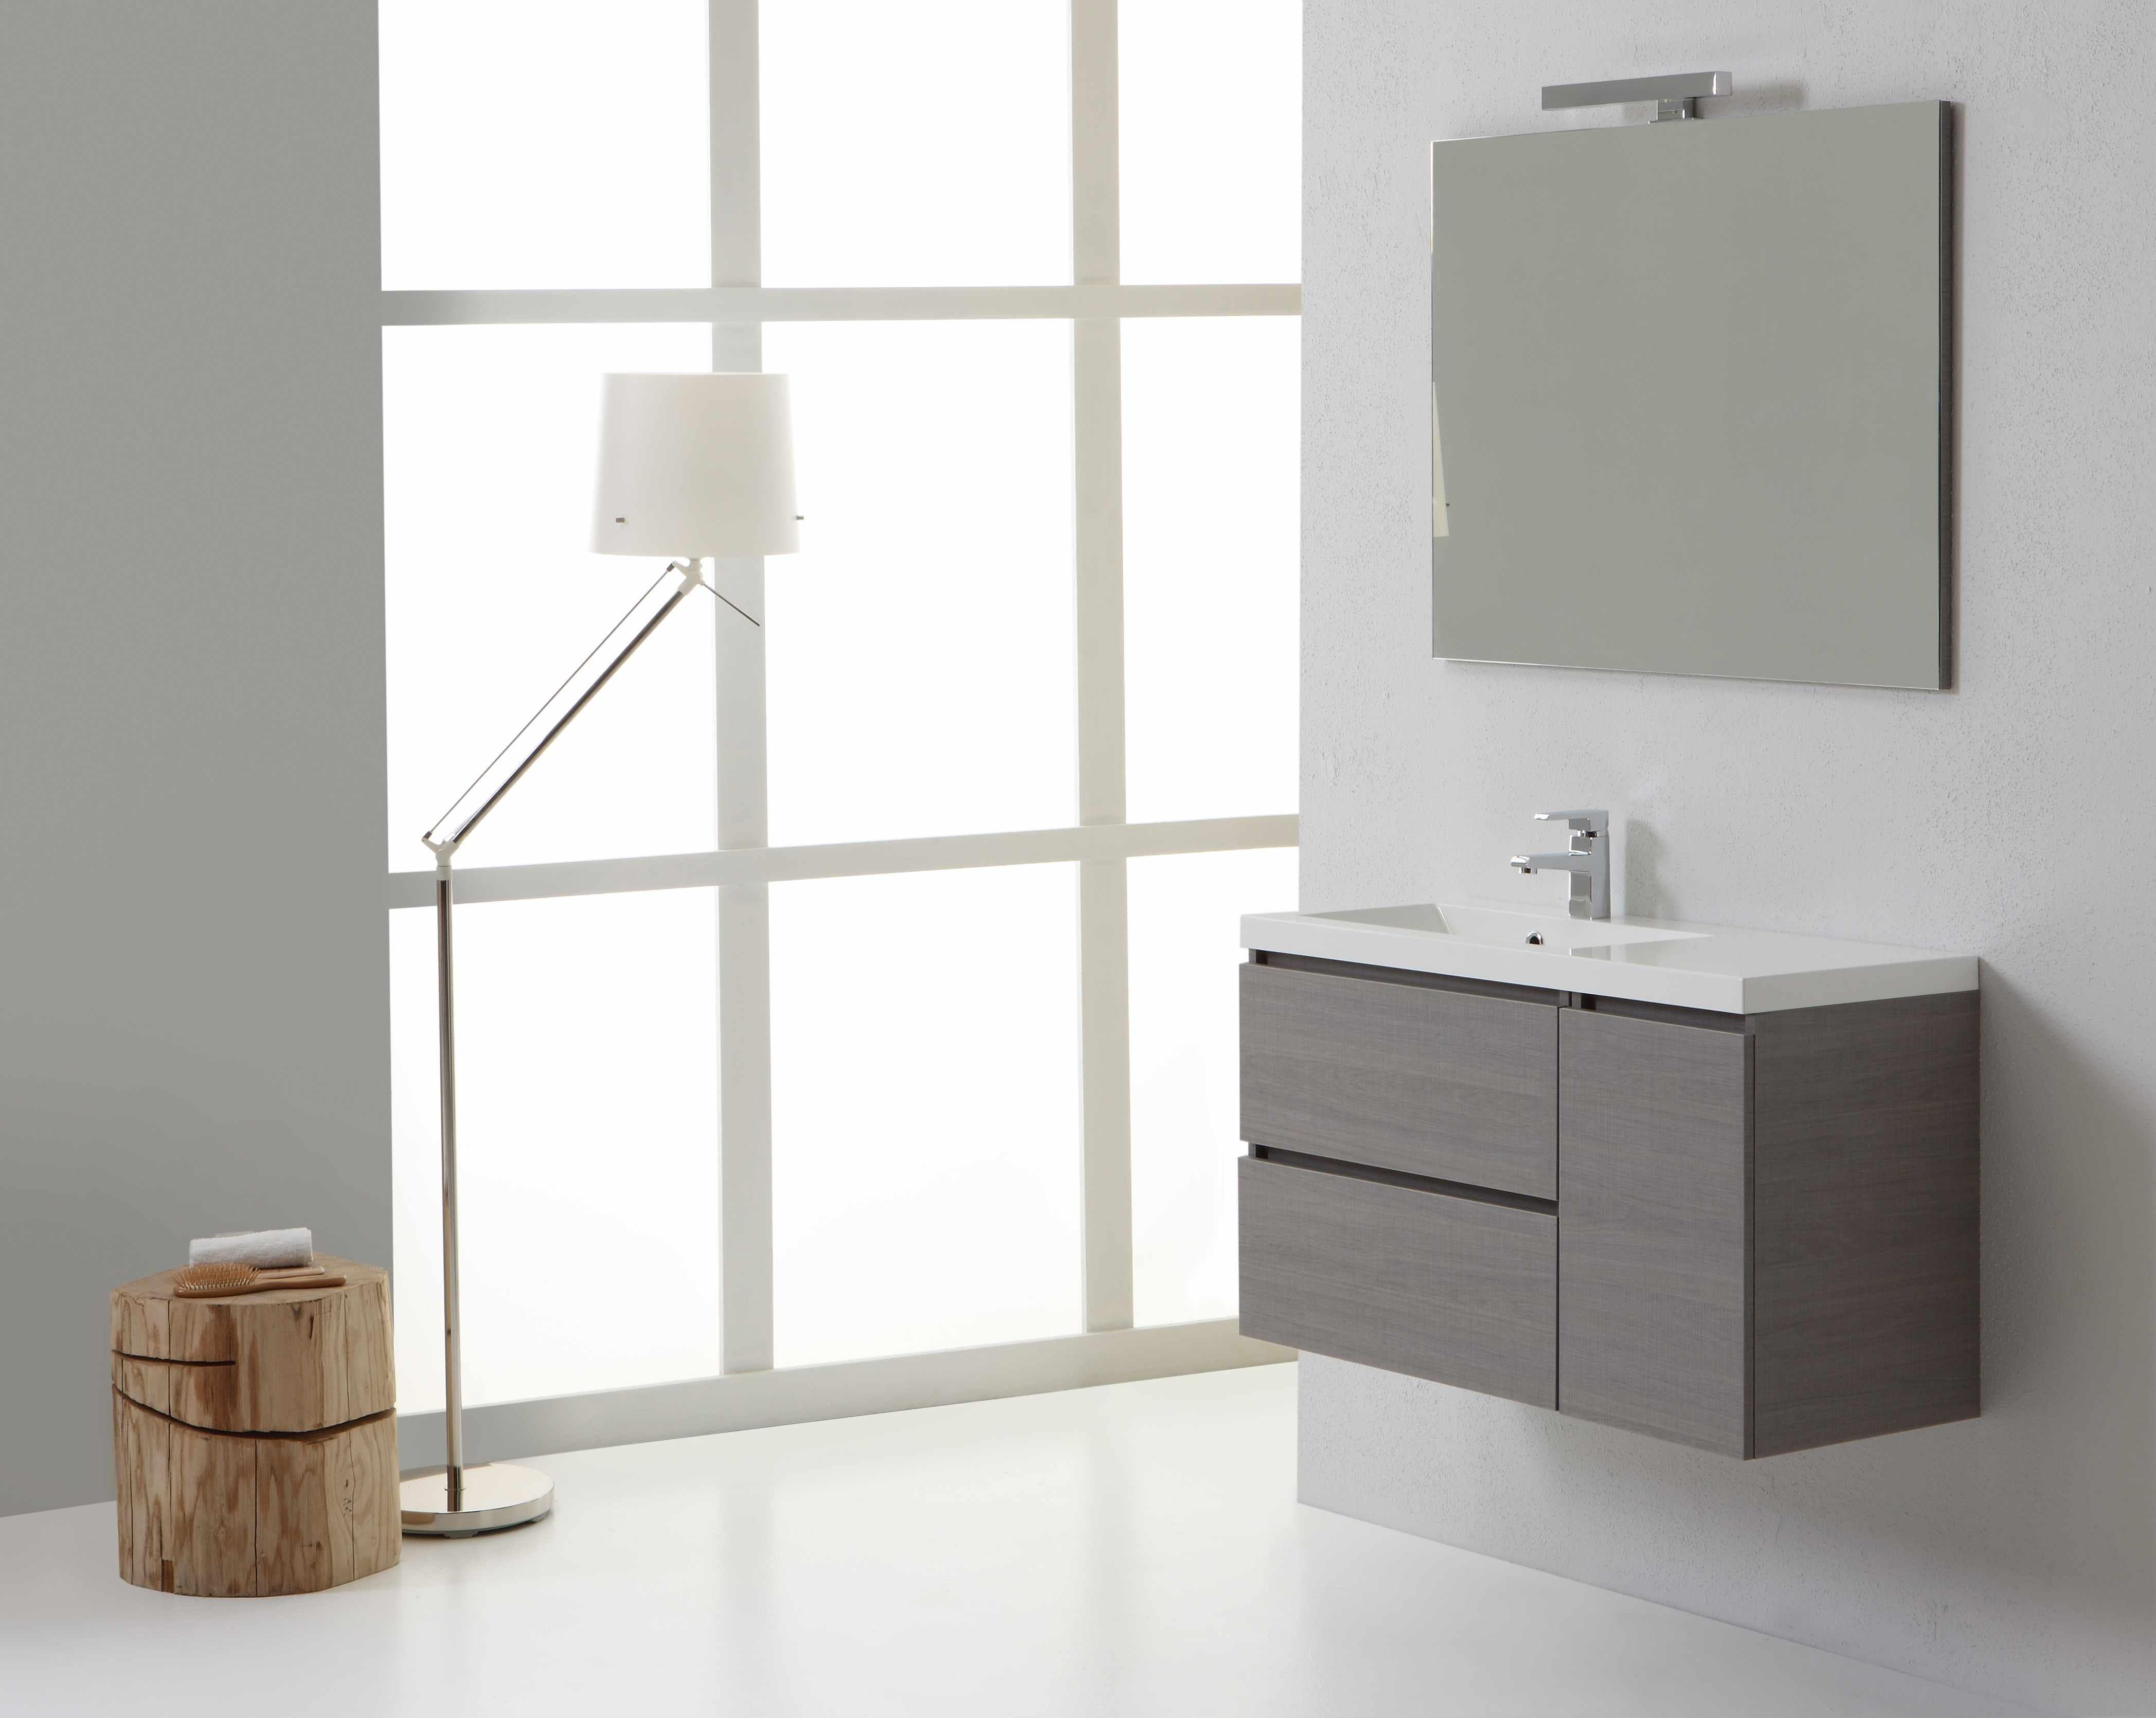 Arredo per bagno sospeso dallo stile moderno larghezza 90 - Puzza dallo scarico bagno ...